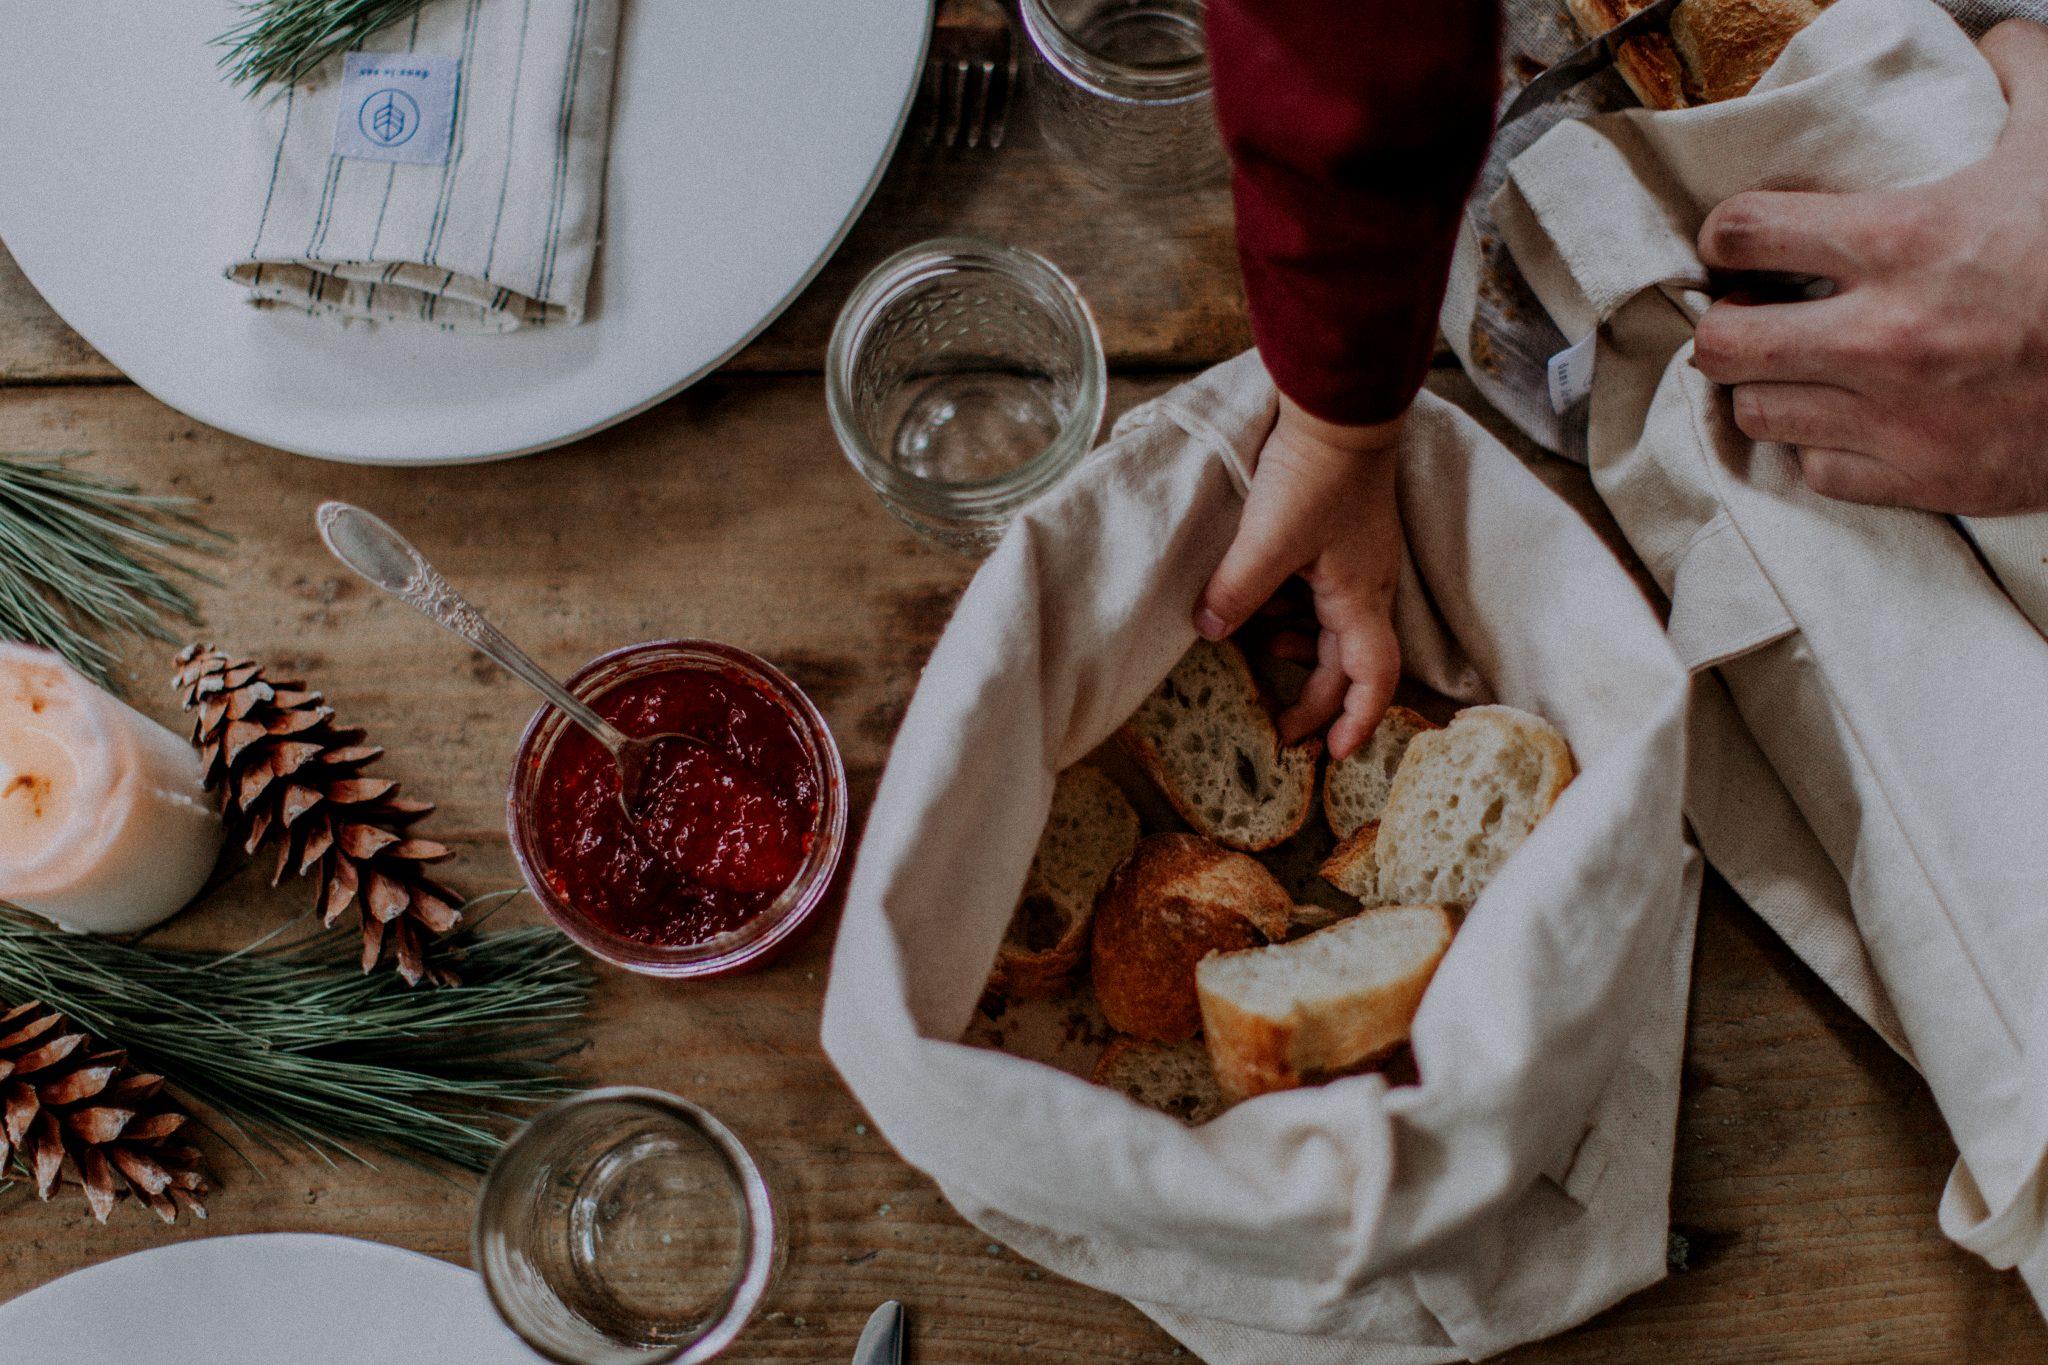 Idées cadeaux pour foodie : Dans le sac